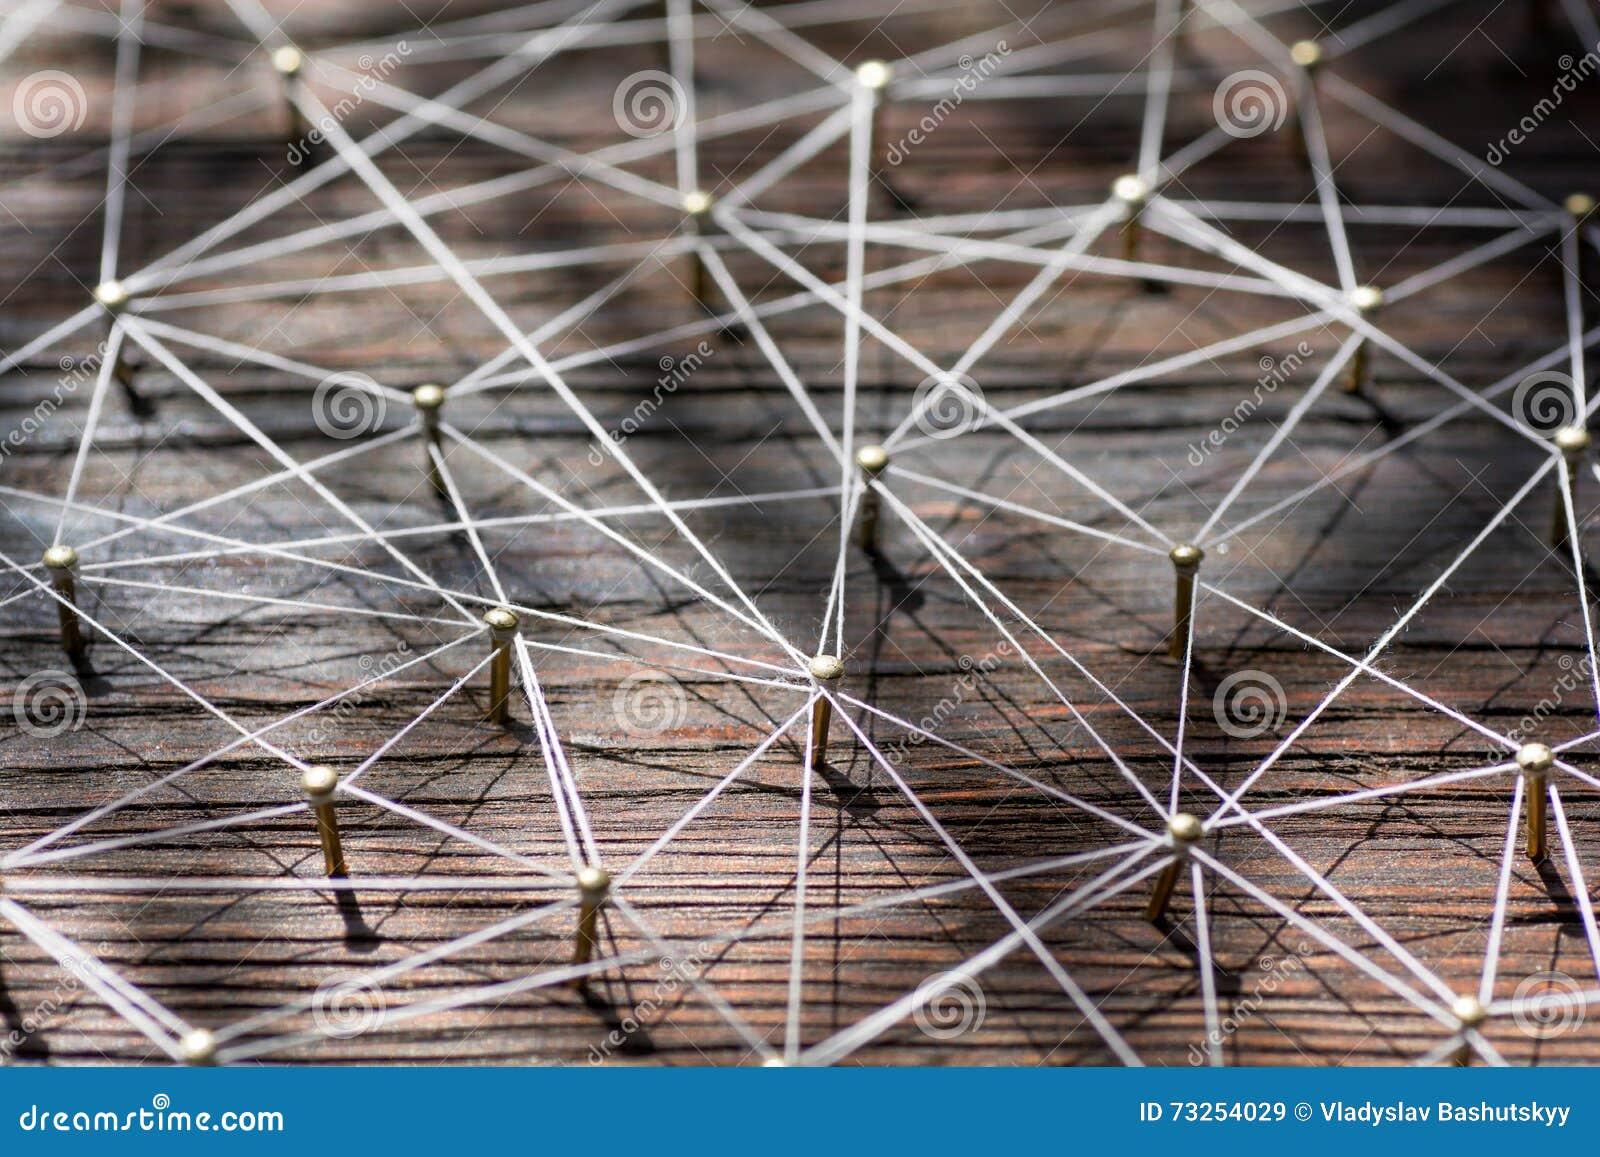 Соединять реальности Сеть, сеть, социальные средства массовой информации, конспект связи интернета Малое подключенное к большому